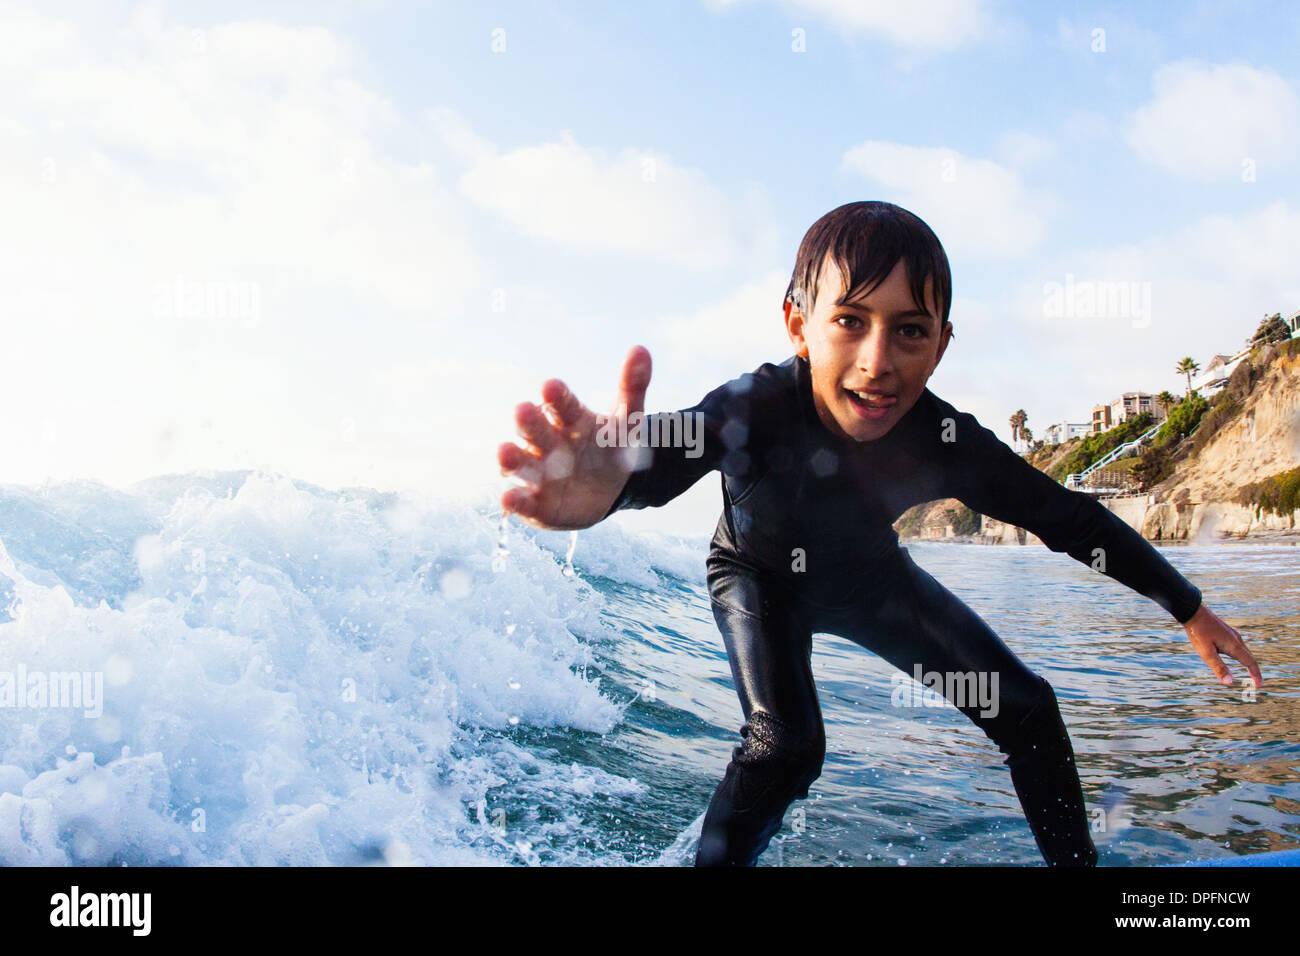 Joven surf, Encinitas, California, EE.UU. Imagen De Stock